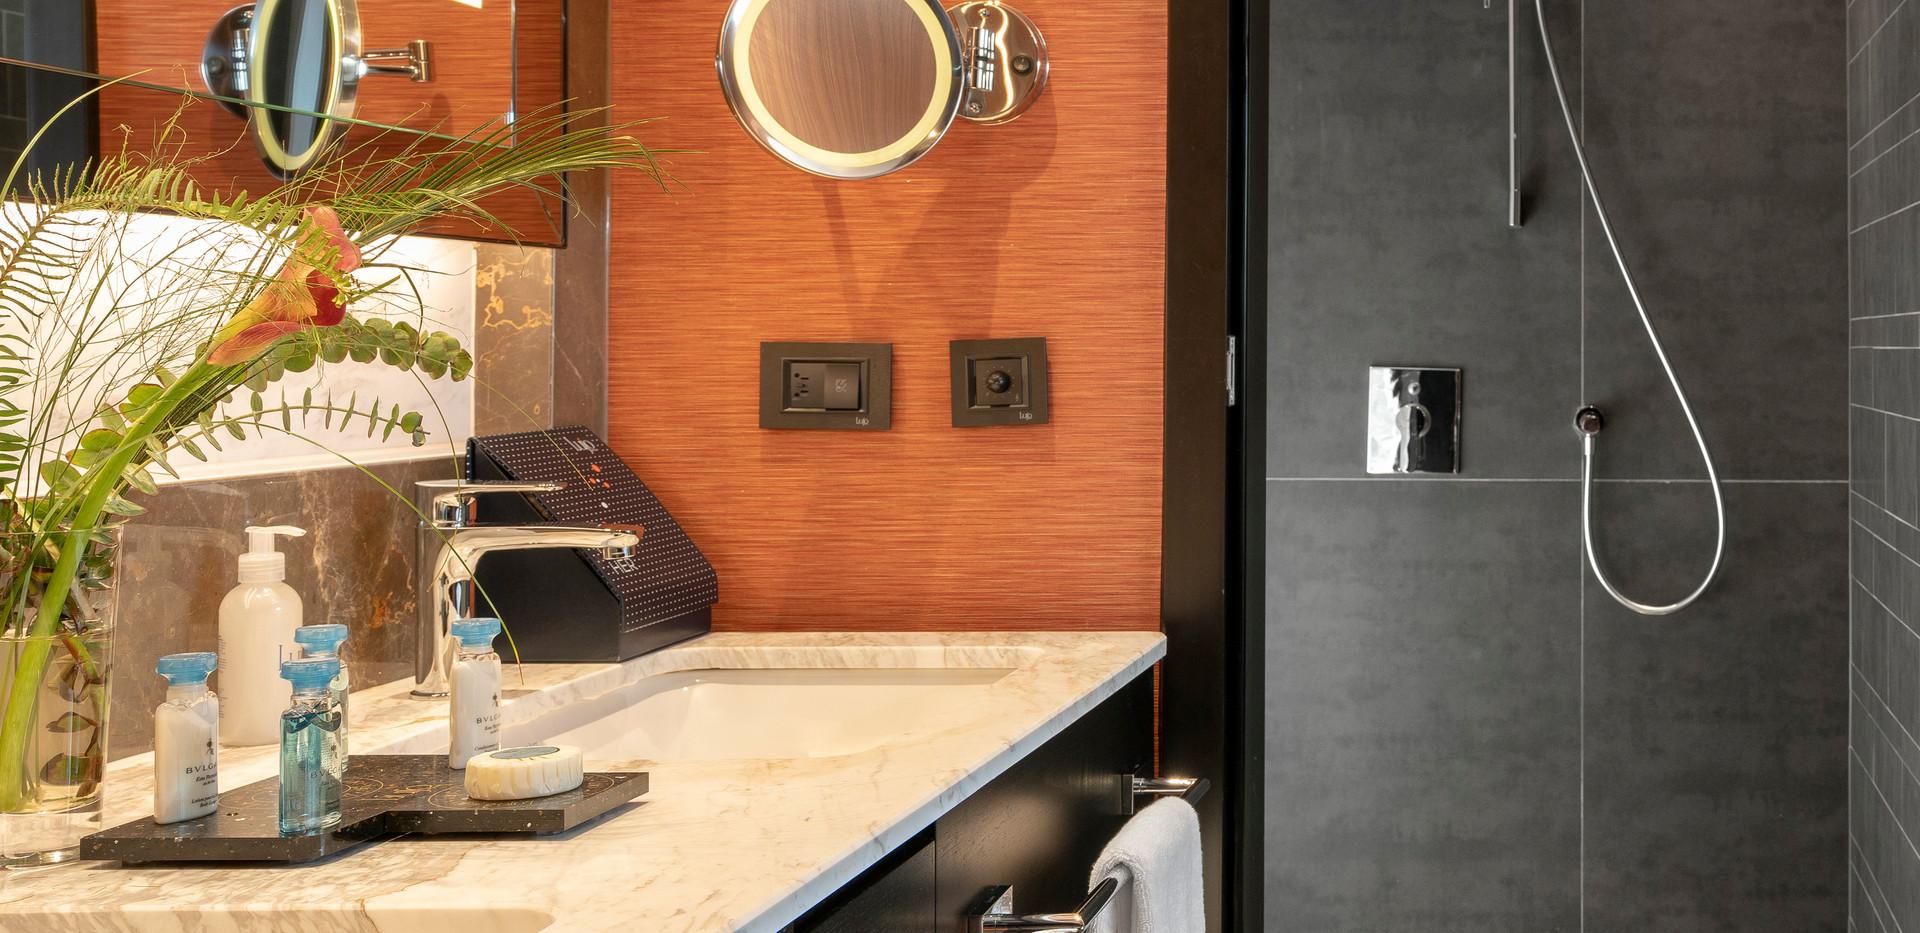 Room Bathroom - 05 - Turuncu Shower.jpg